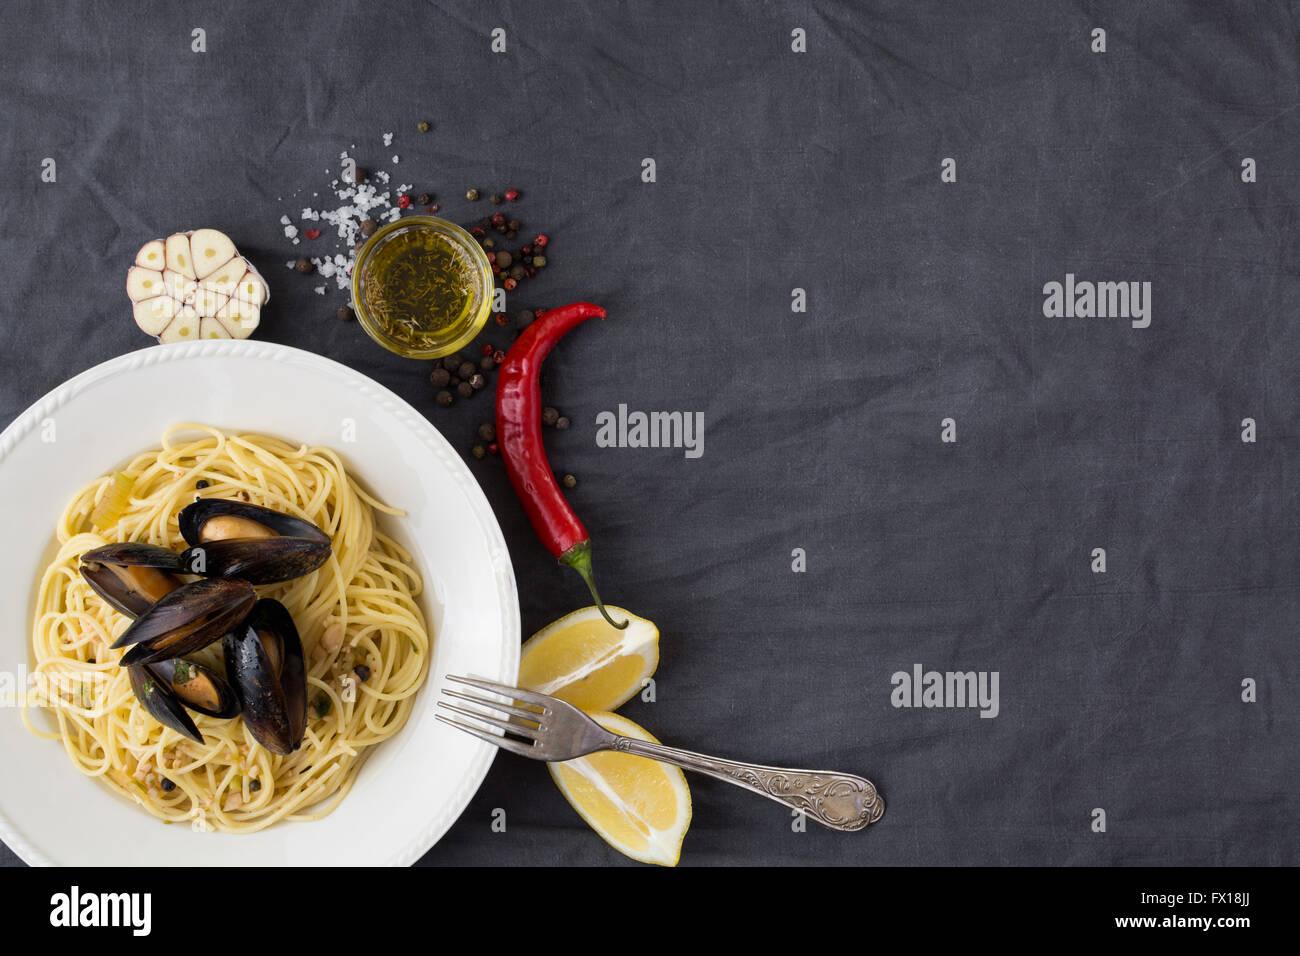 Pasta mit Muscheln, Zitronen, Chili-Pfeffer und Gewürze Stockbild